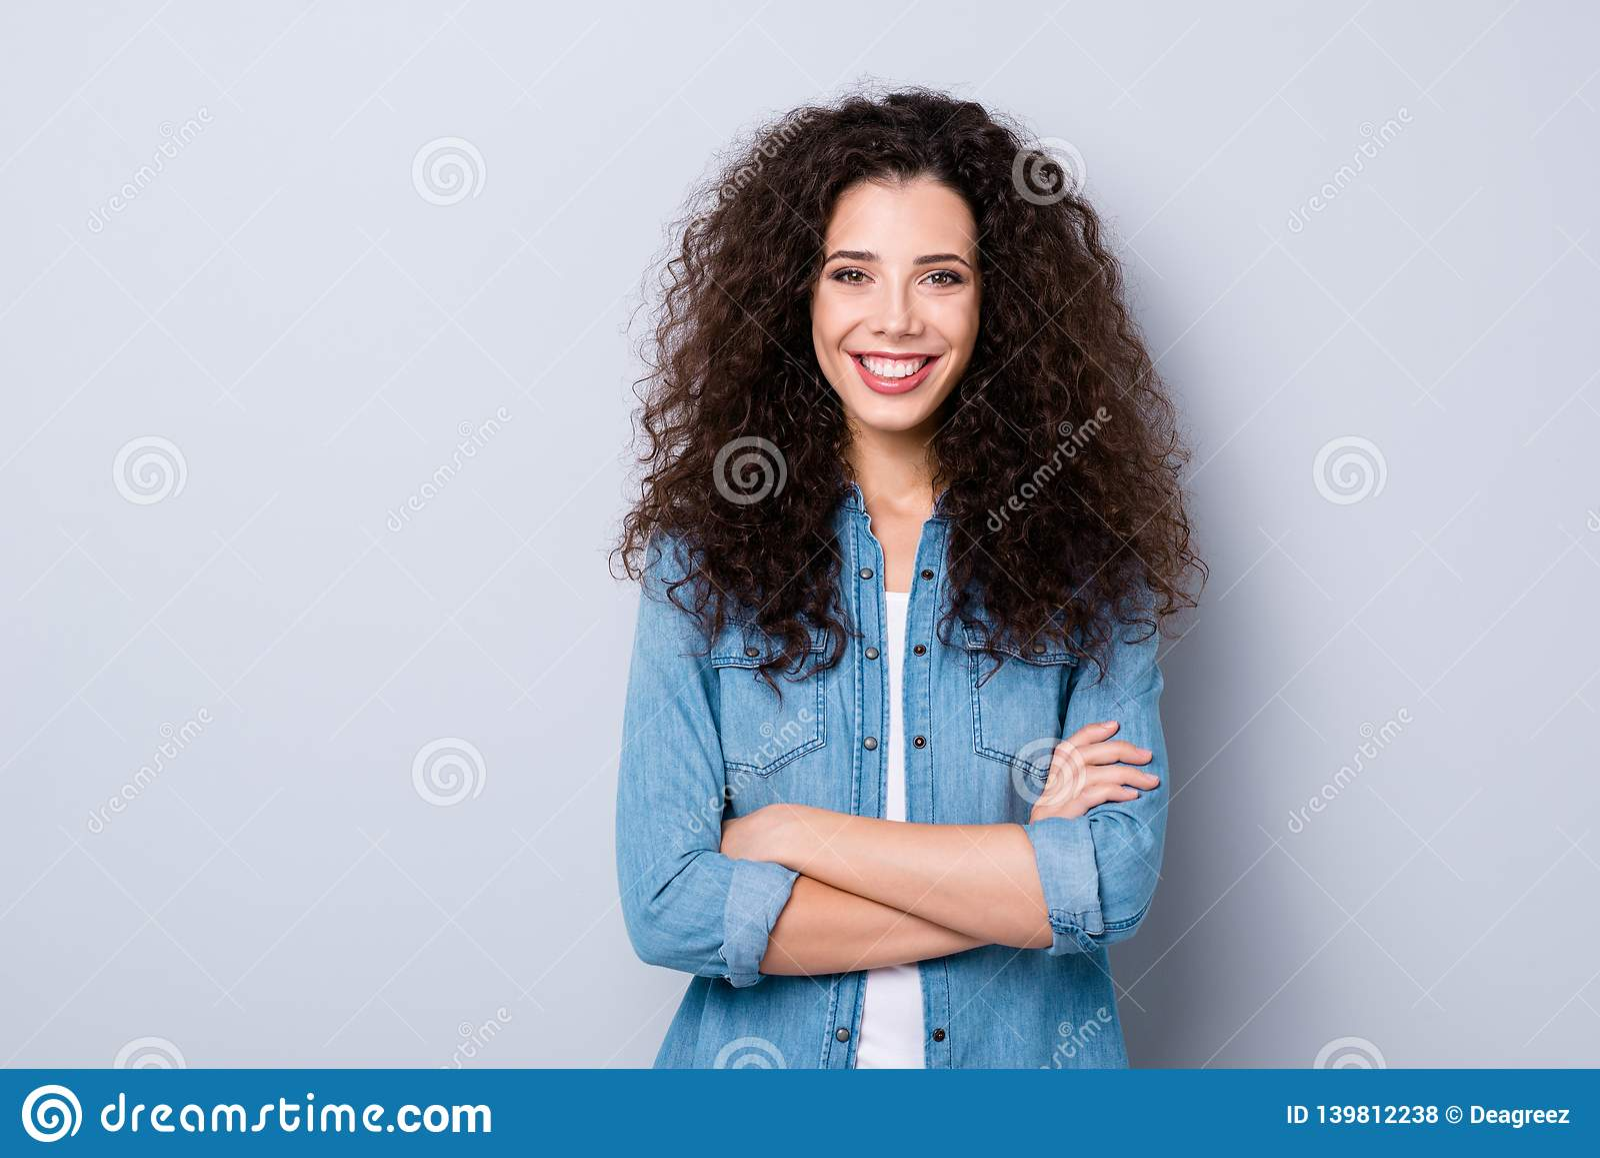 Retrato de ella ella de pelo ondulado optimista alegre alegre del contenido precioso atractivo agradable encantador bonito lindo